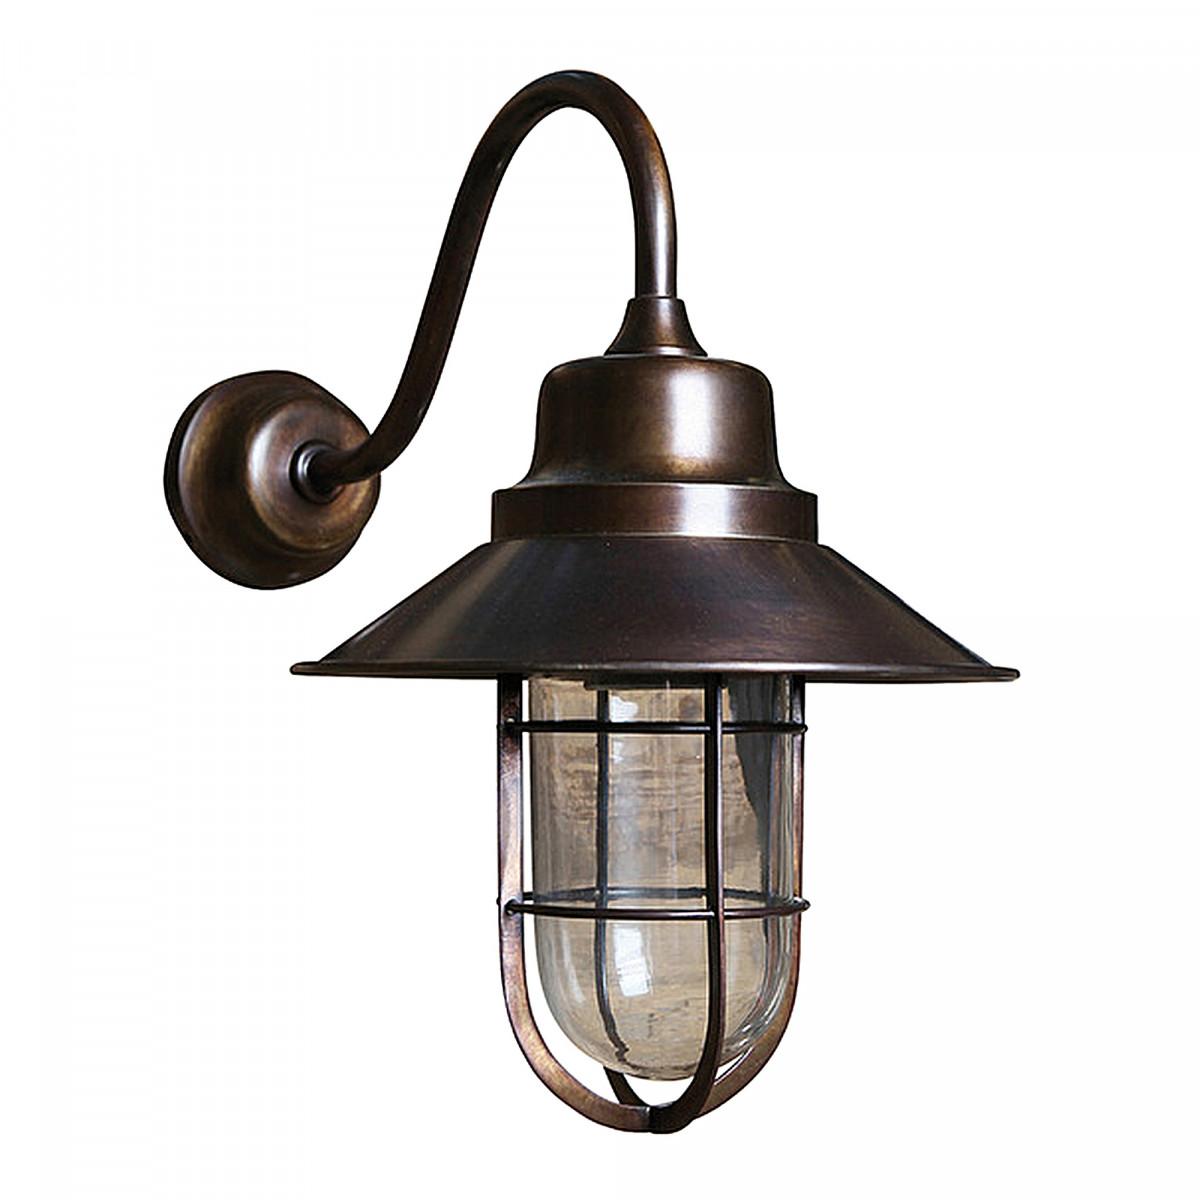 vintage lampen - Vermont Stallamp - Nostalux buitenverlichting